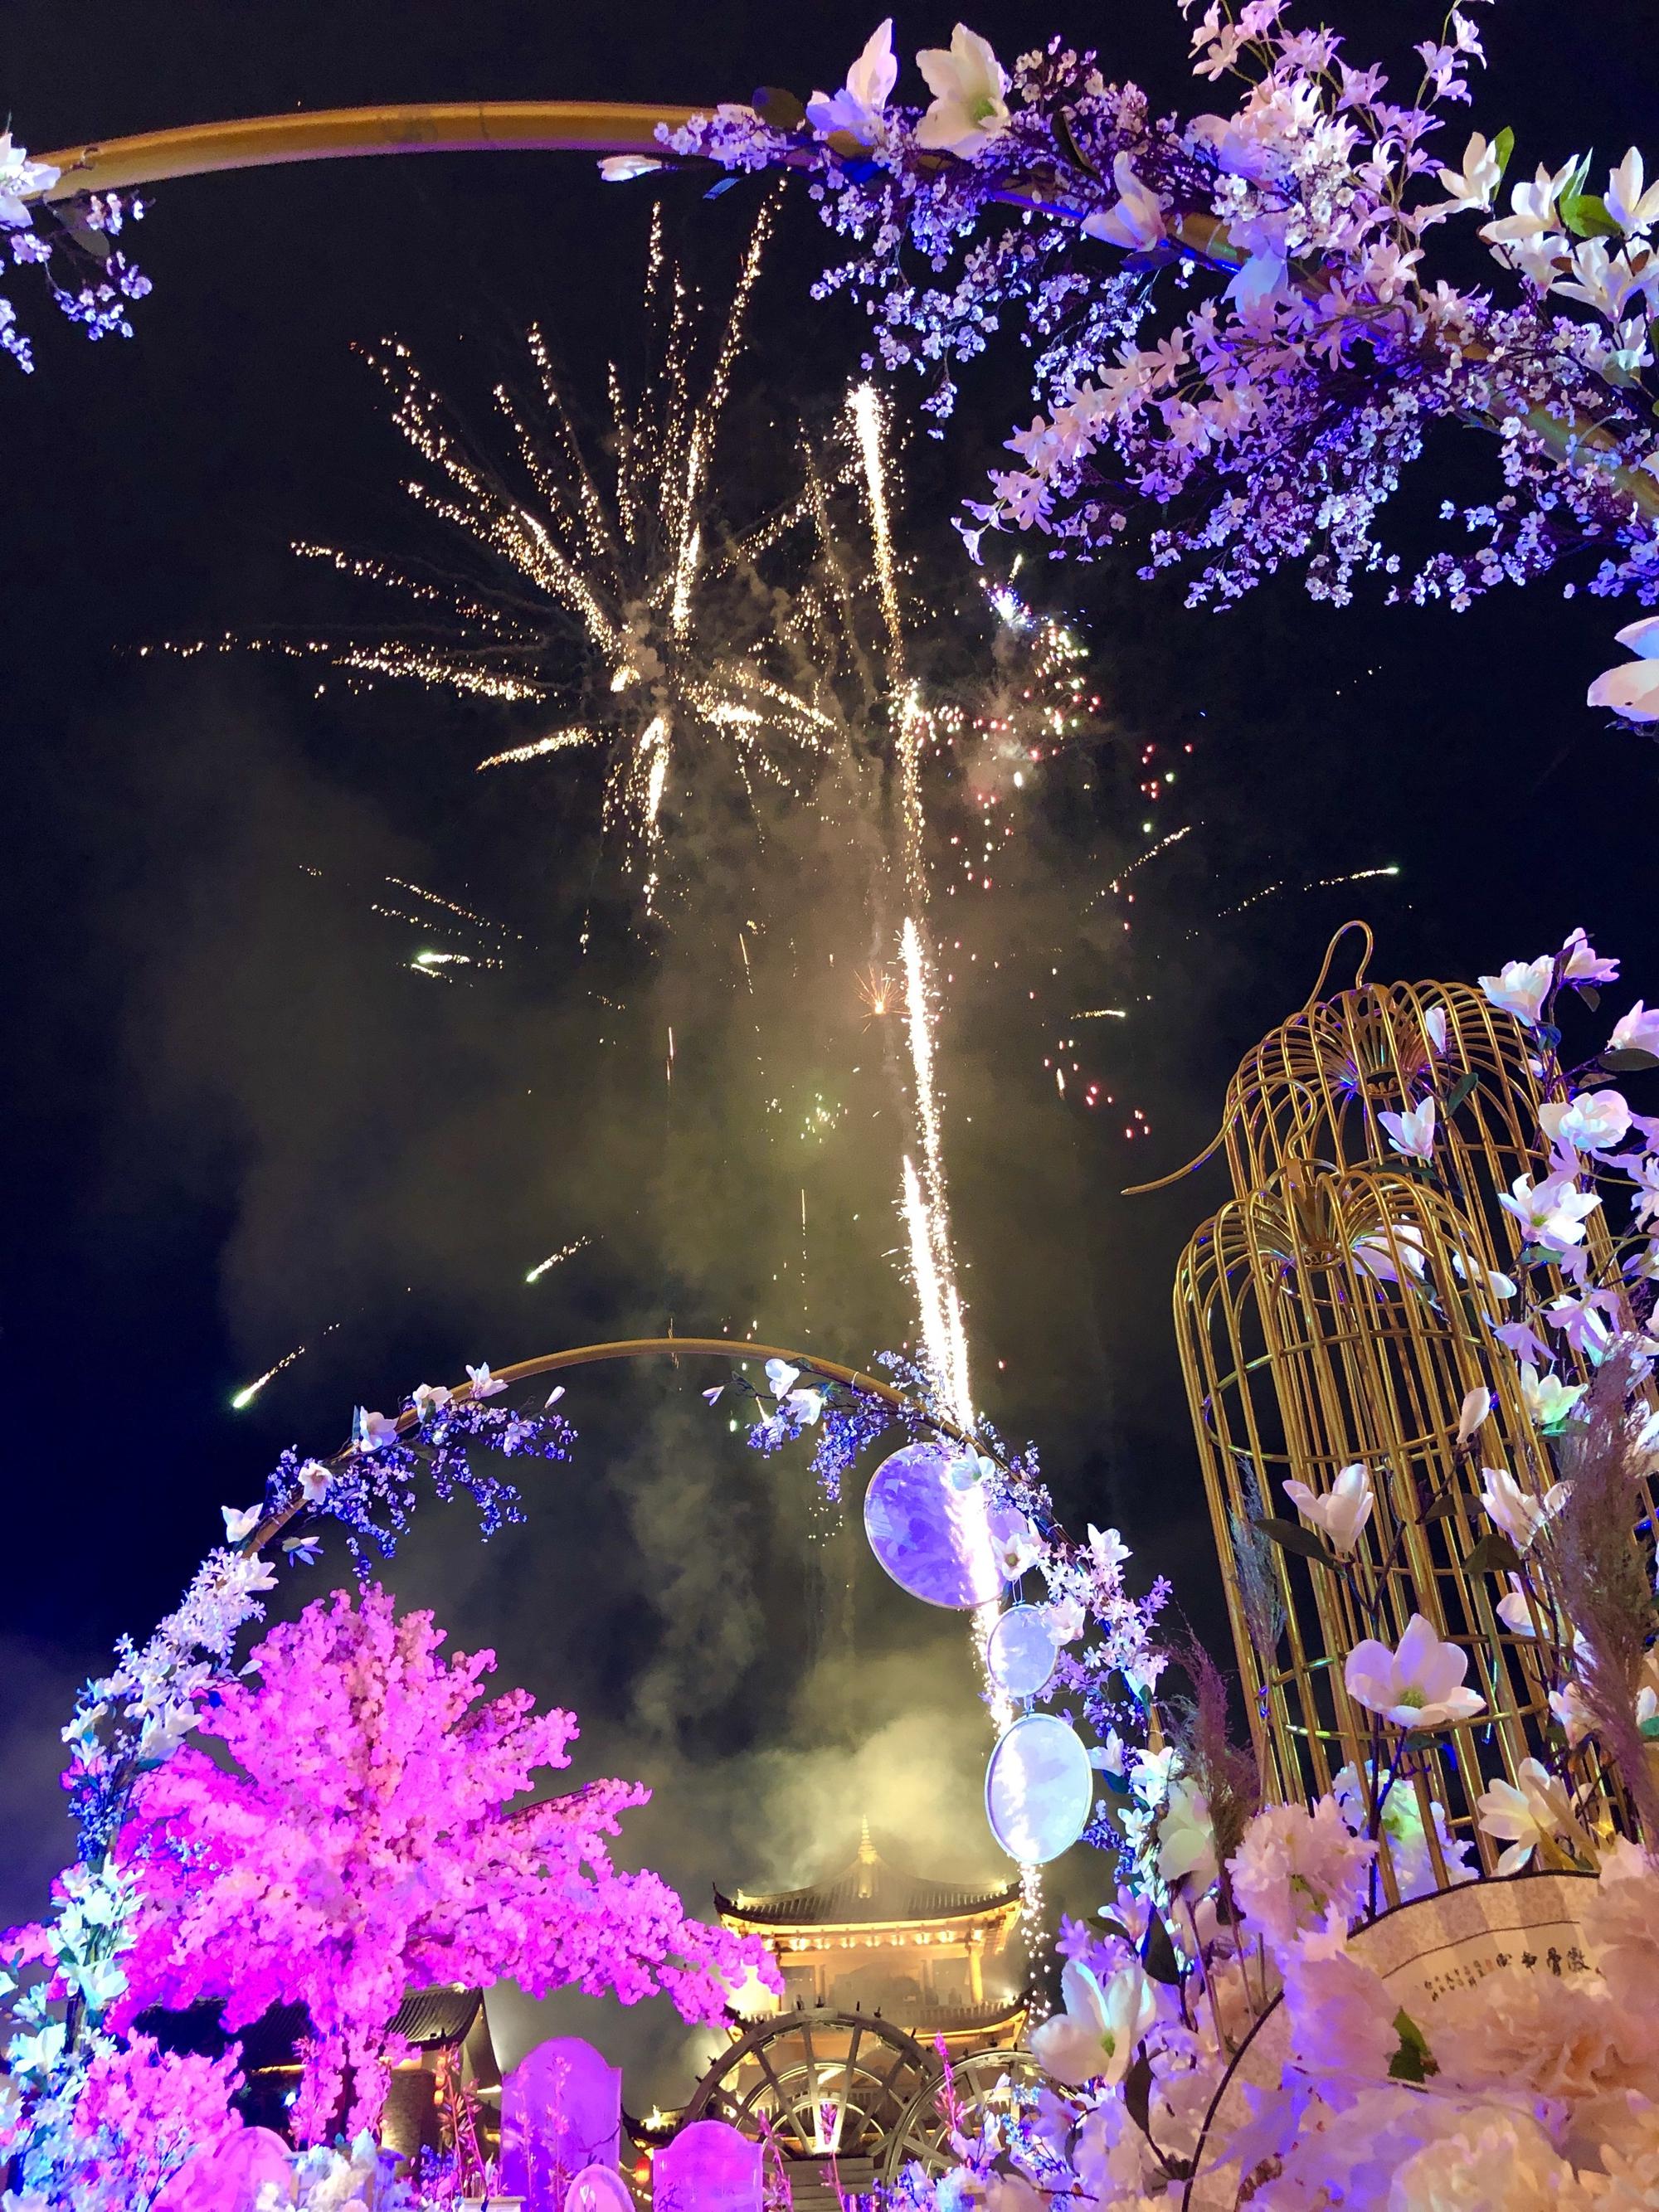 驚艷全城!直升機、水秀、煙花……昨天,麗江這場婚禮刷爆朋友圈